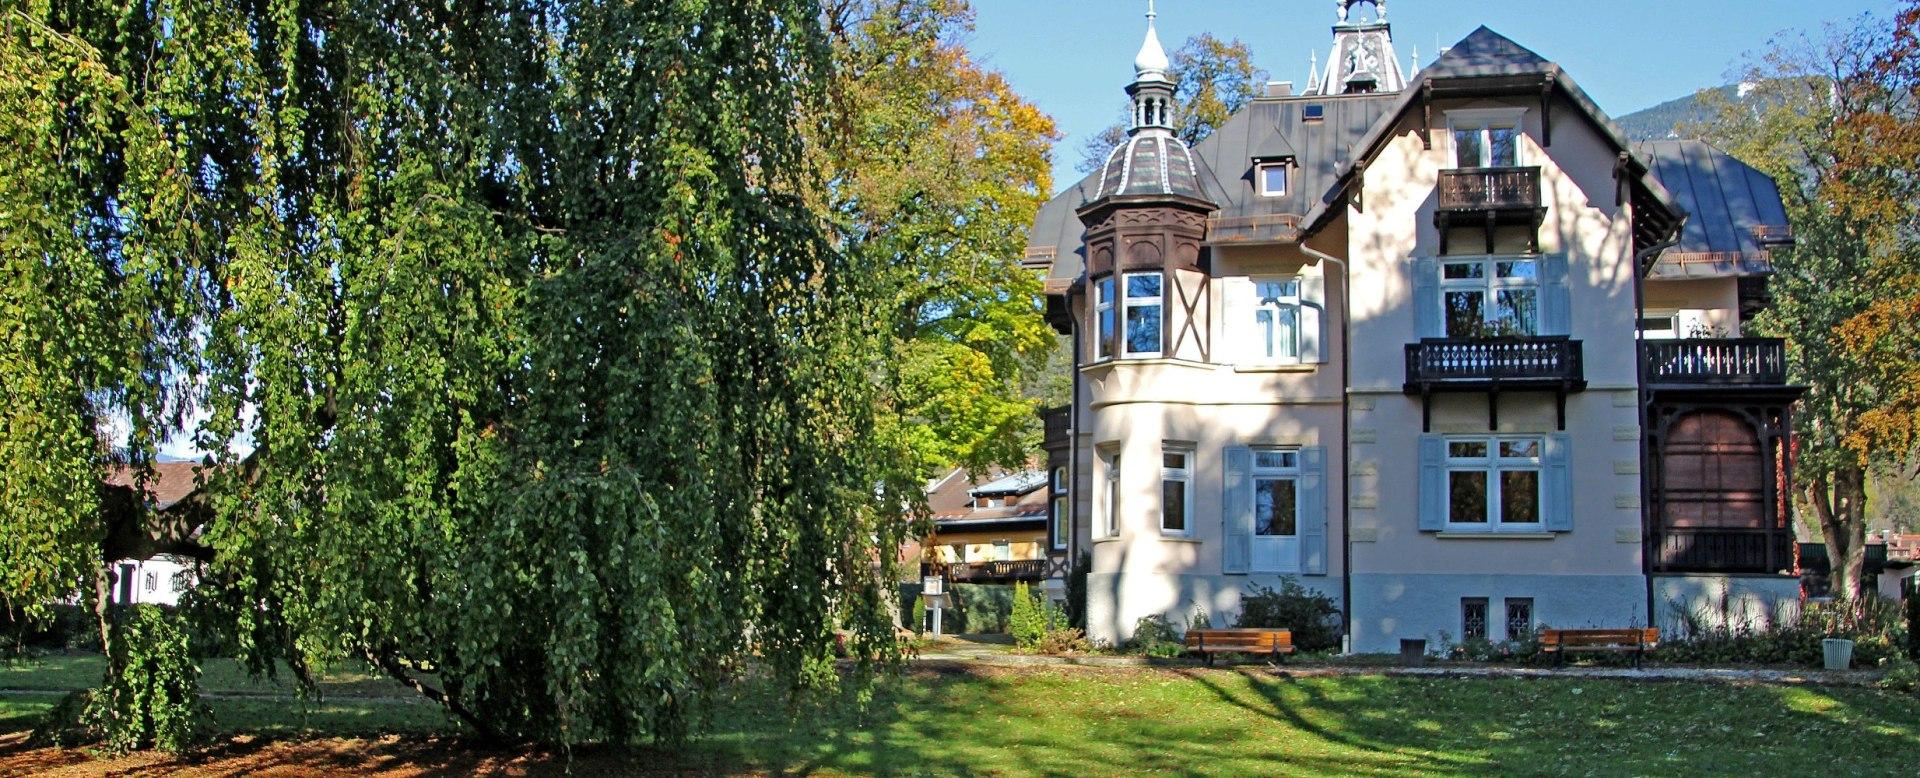 Richard Strauss Institut Garmisch-Partenkirchen, © Markt Garmisch-Partenkirchen - Foto Gulbe